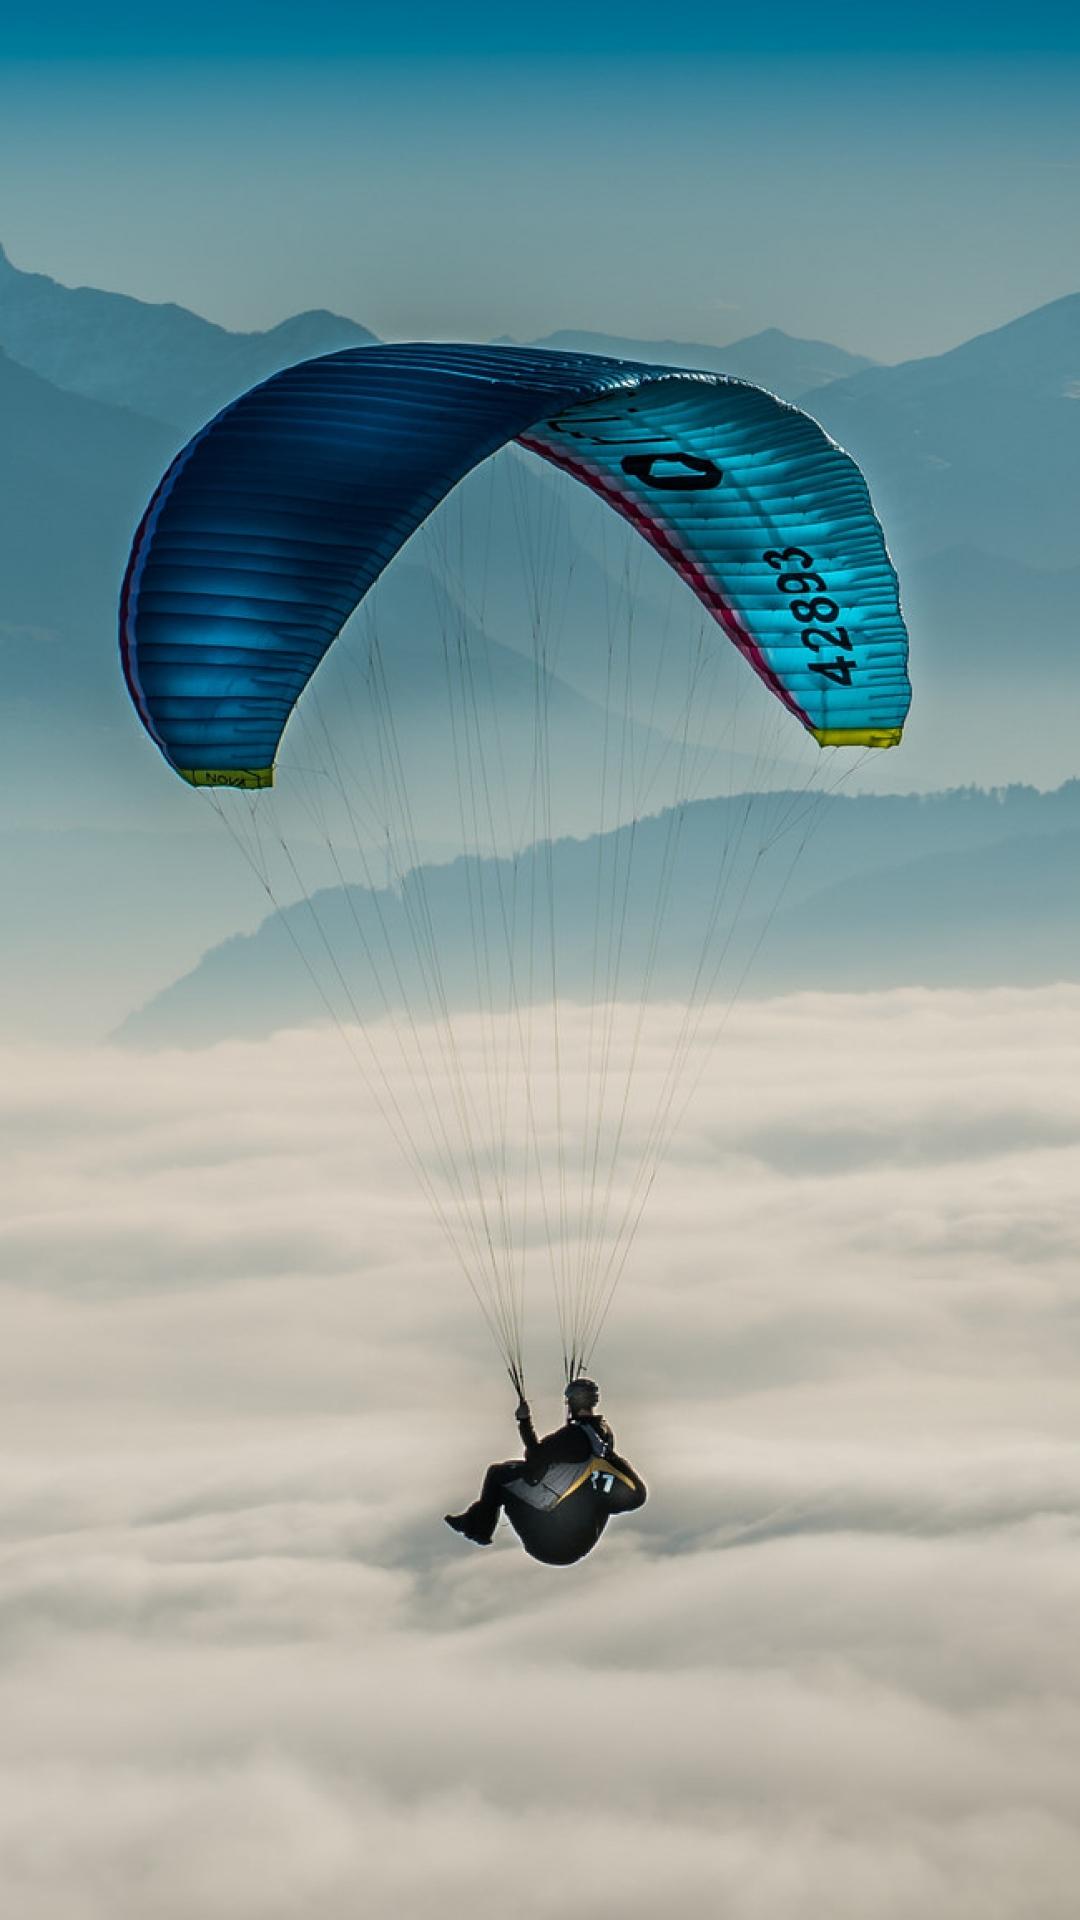 paragliding sky clouds 108156 1080x1920 3Wallpapers : notre sélection de fonds d'écran du 18/09/2017